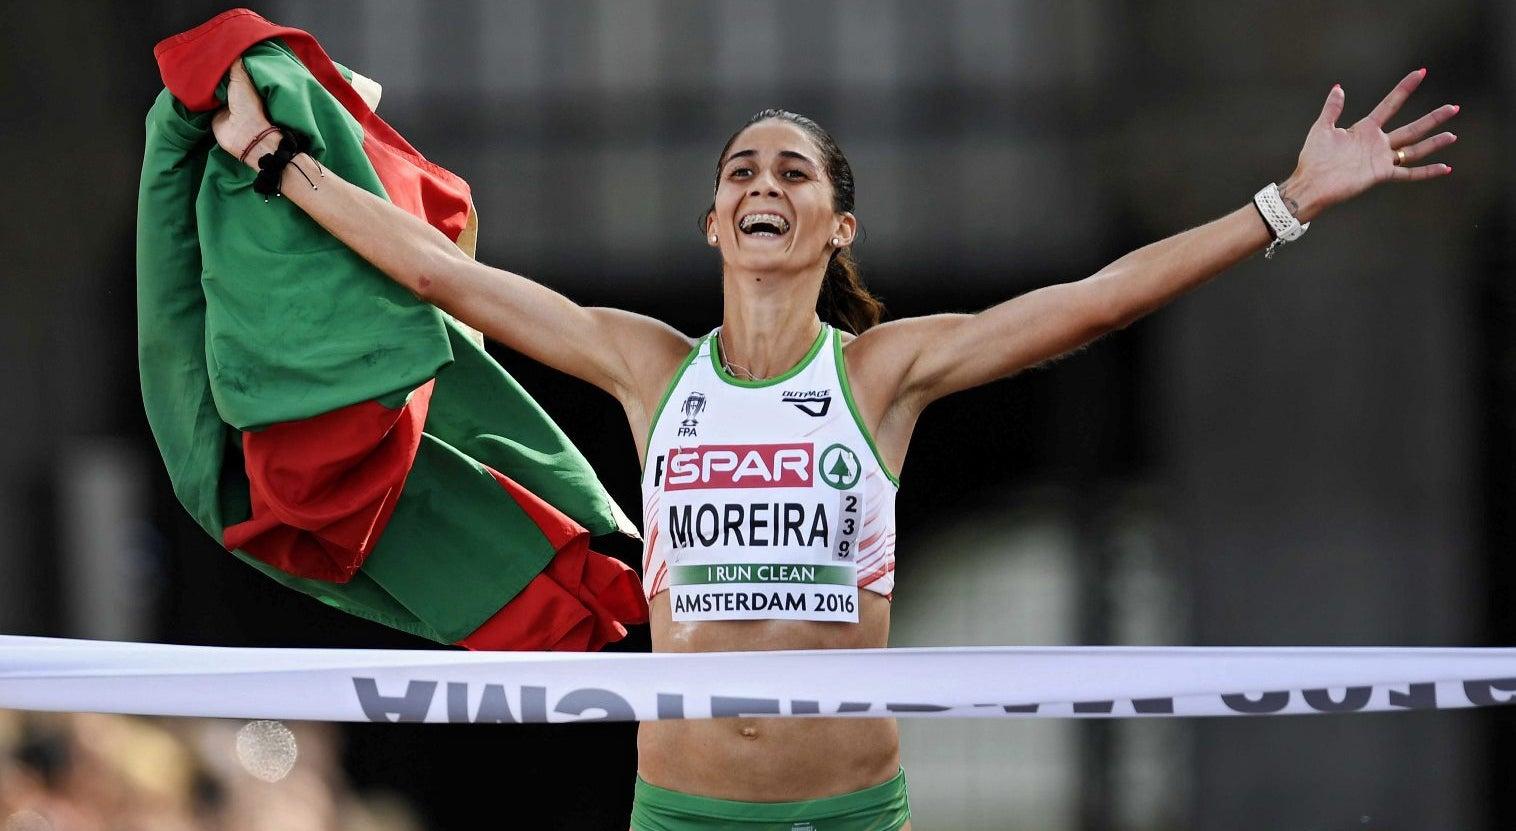 Santo Tirso presta homenagem à atleta Sara Moreira